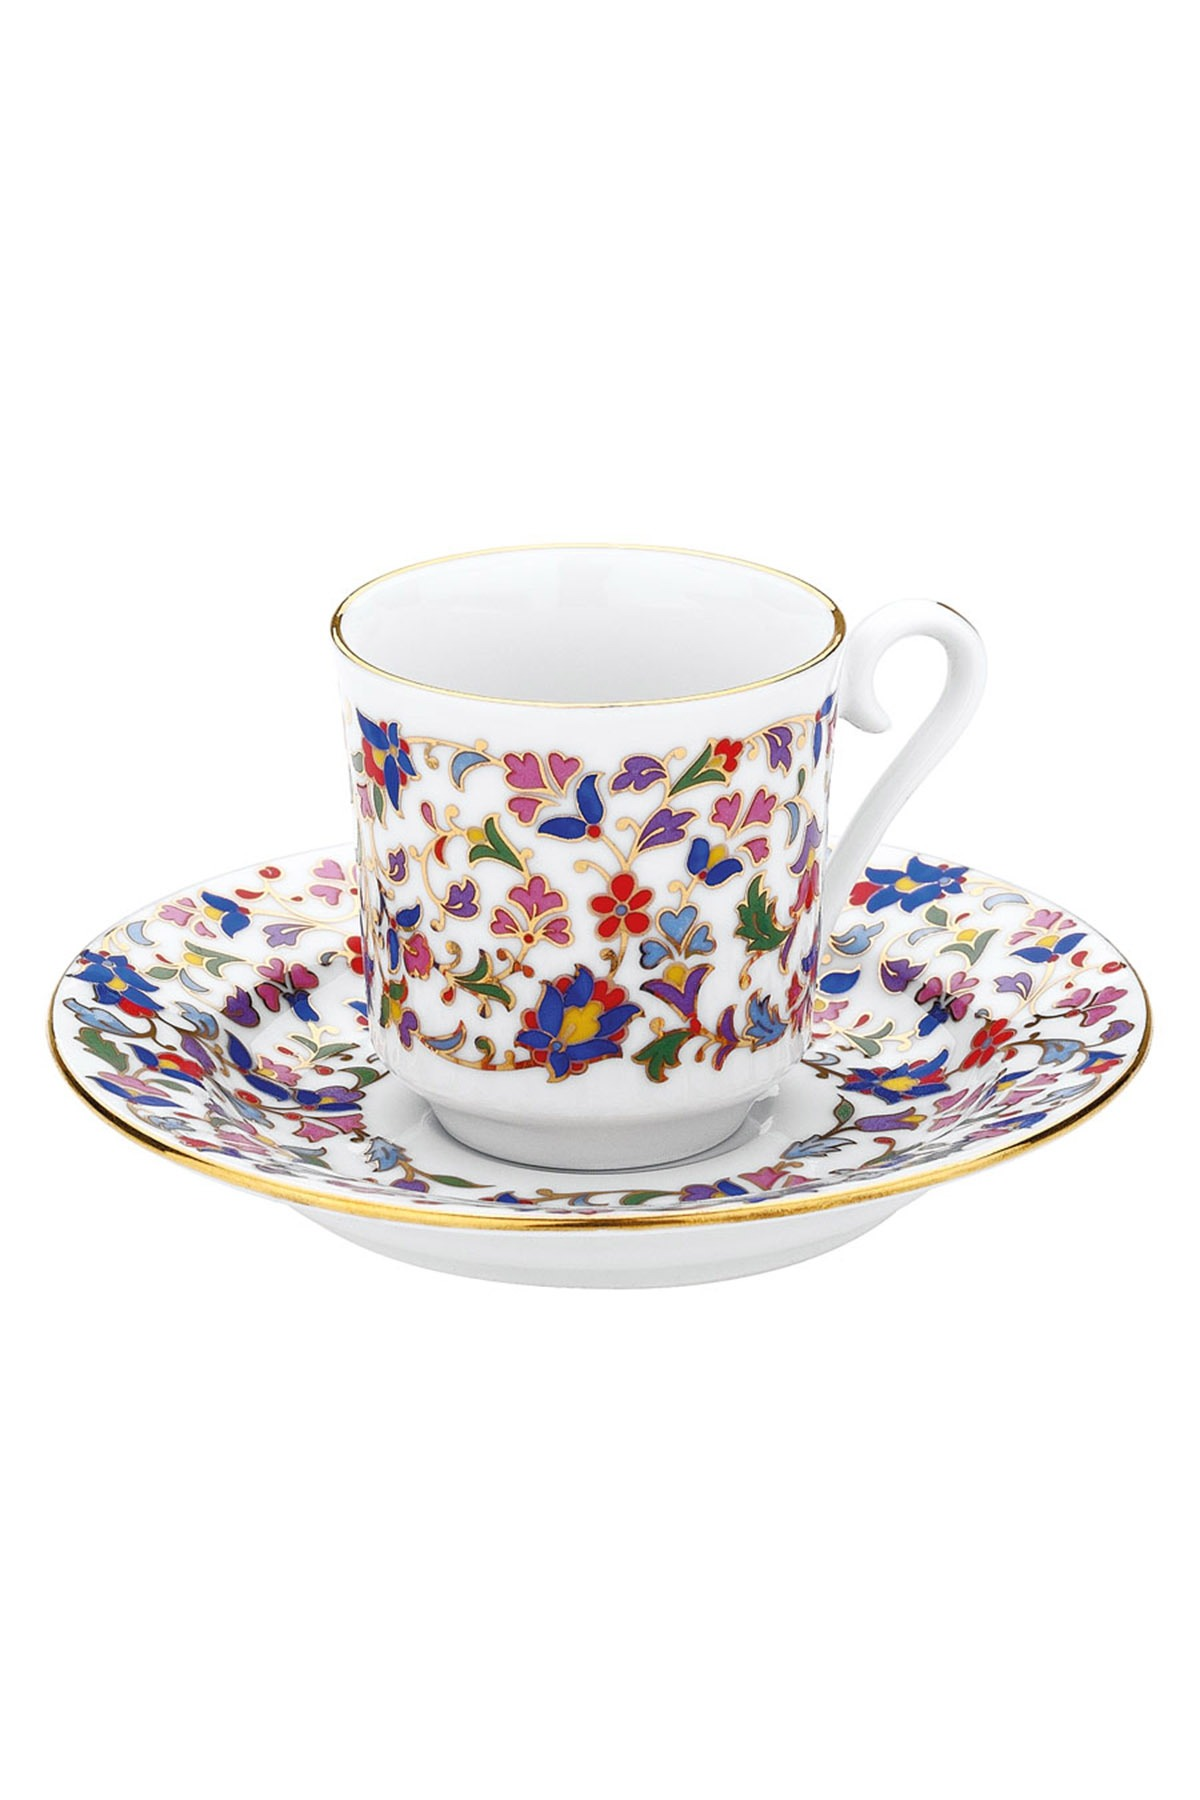 KÜTAHYA PORSELEN - Kütahya Porselen 3645 Desen Kahve Fincan Takımı